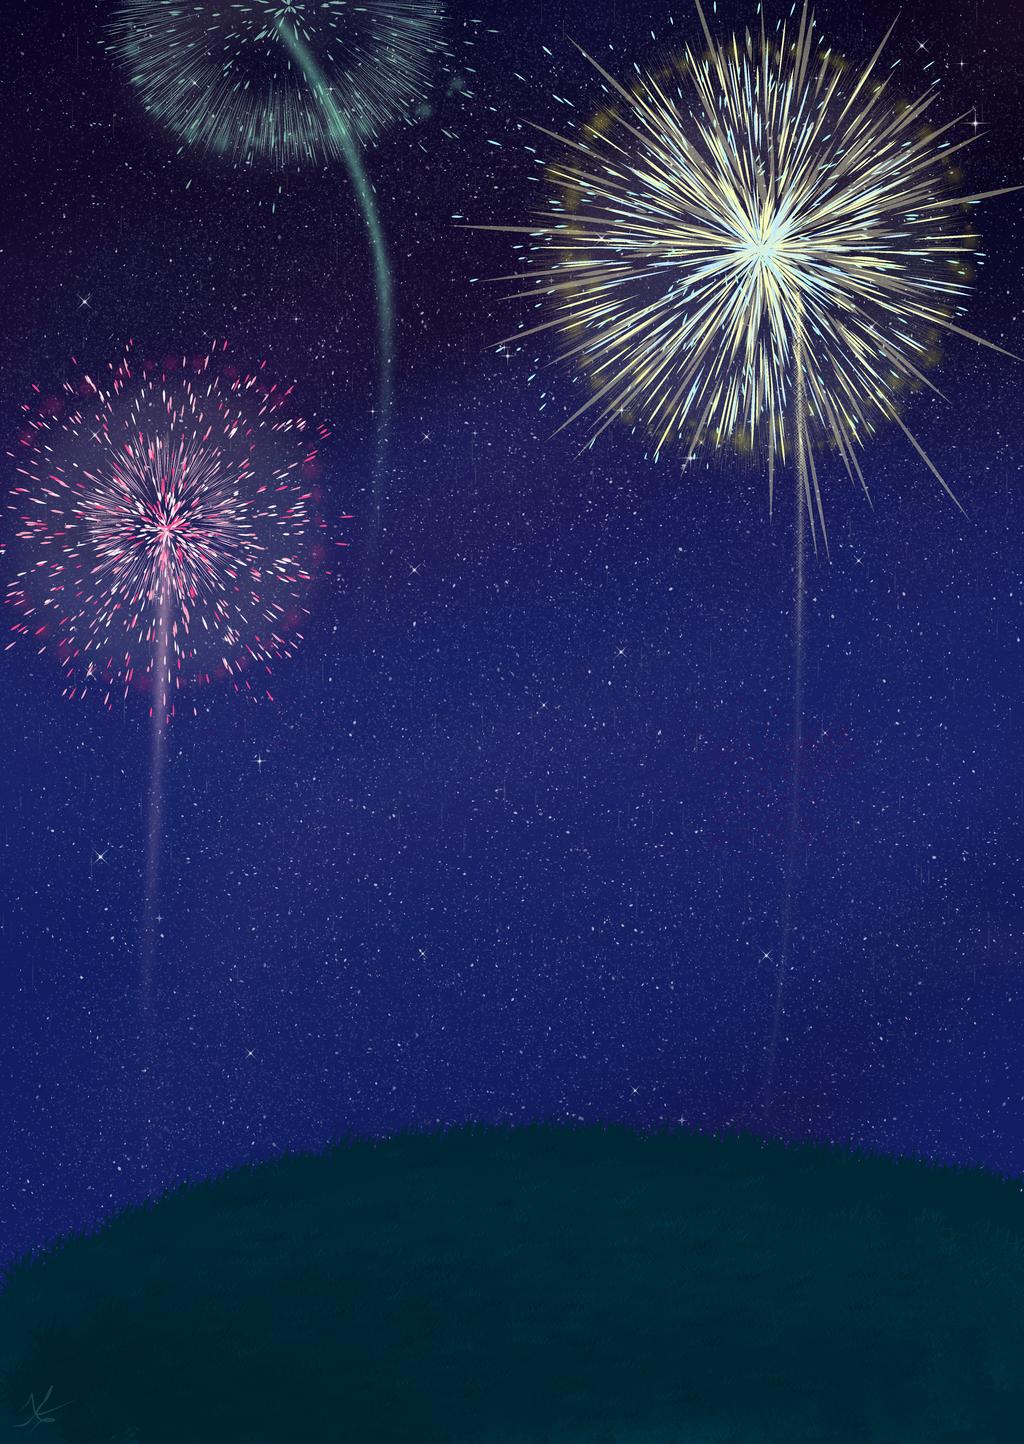 Fireworks by bluestarproduction